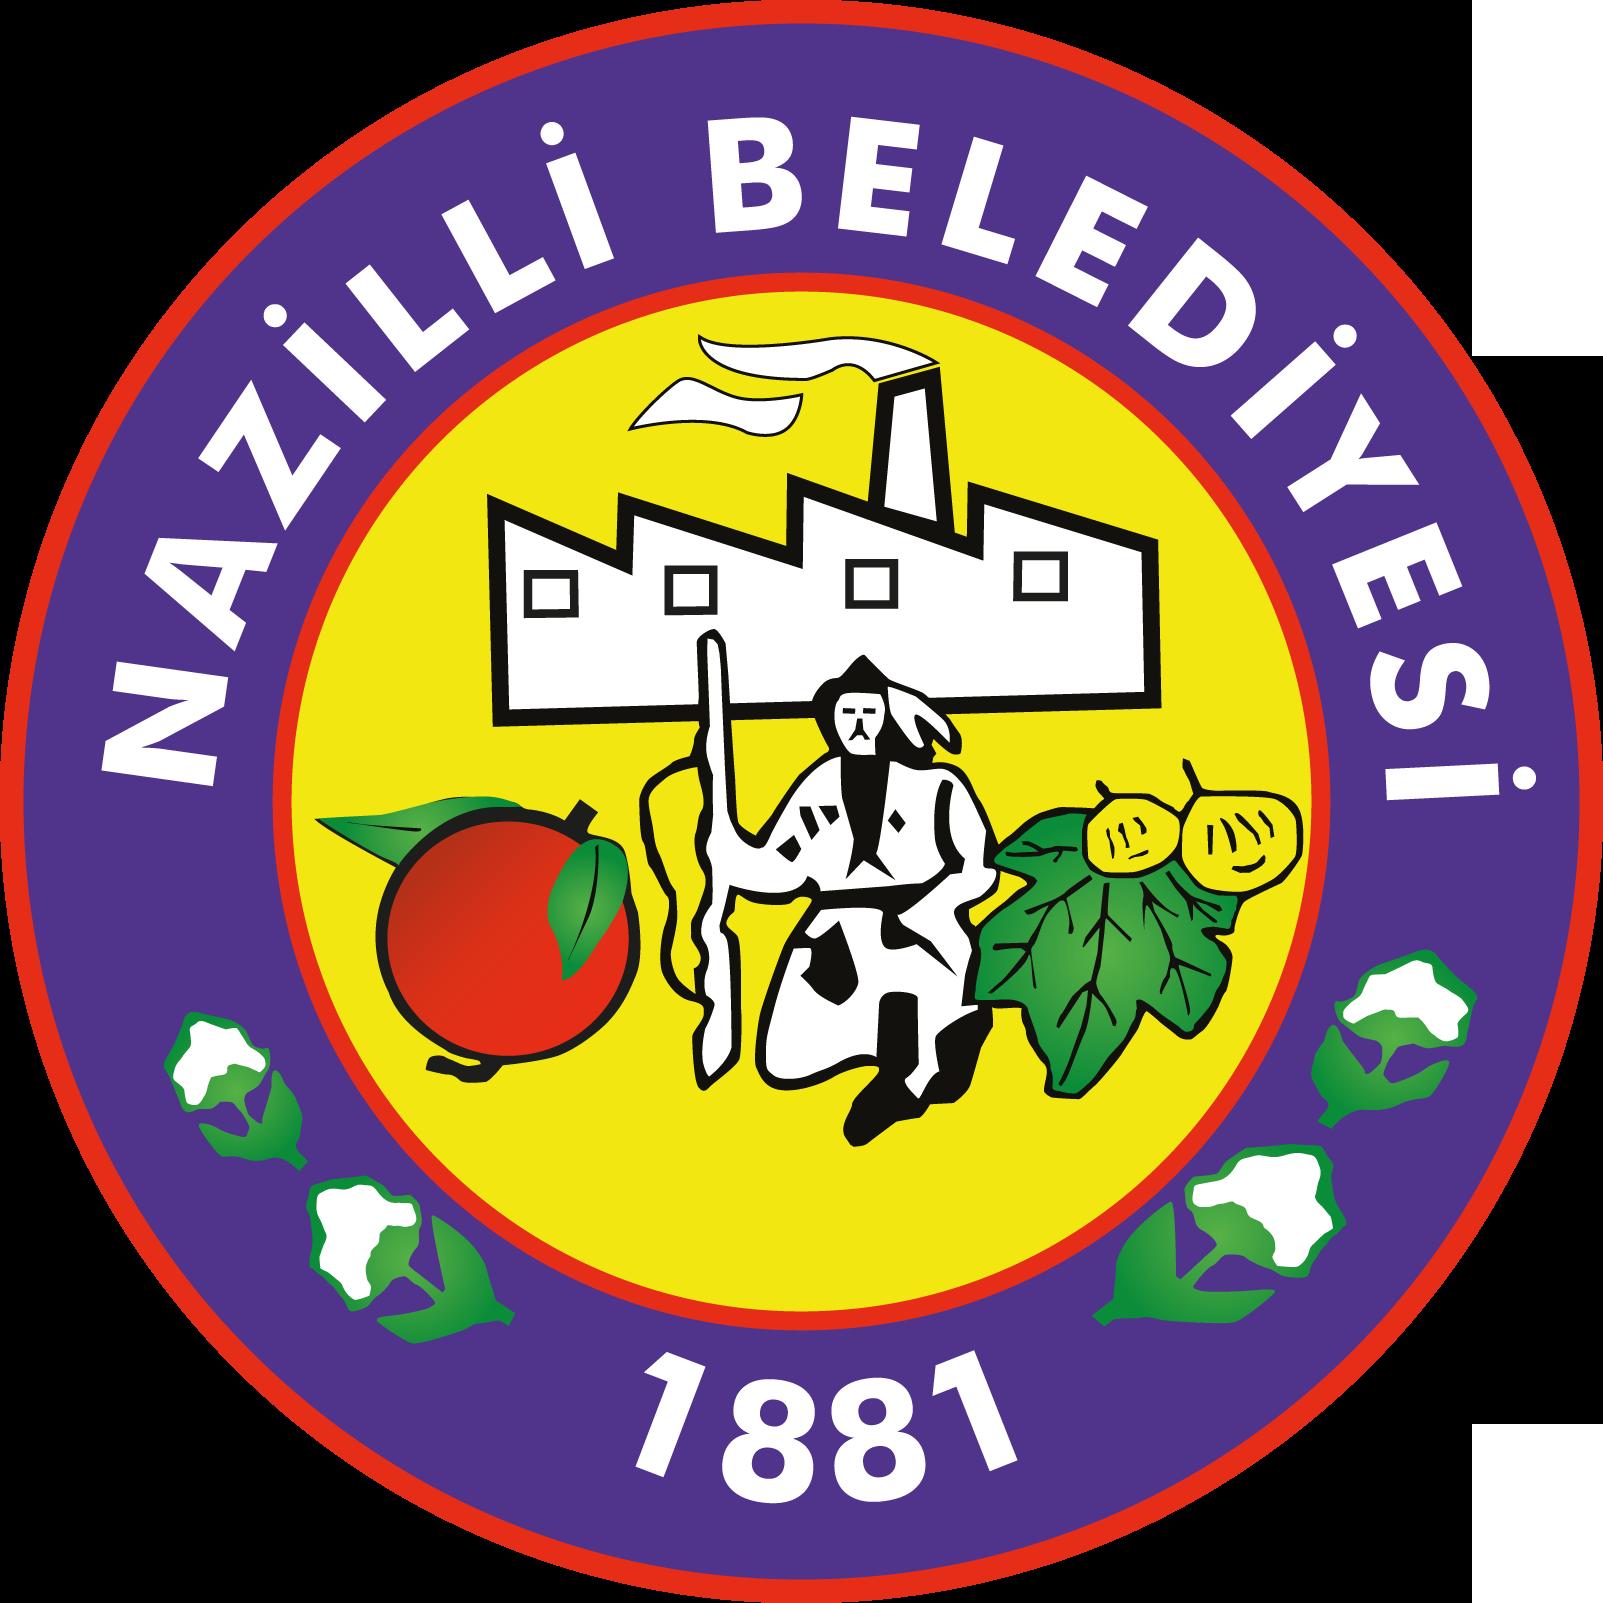 nazilli,belediyesi,logo,vektorel